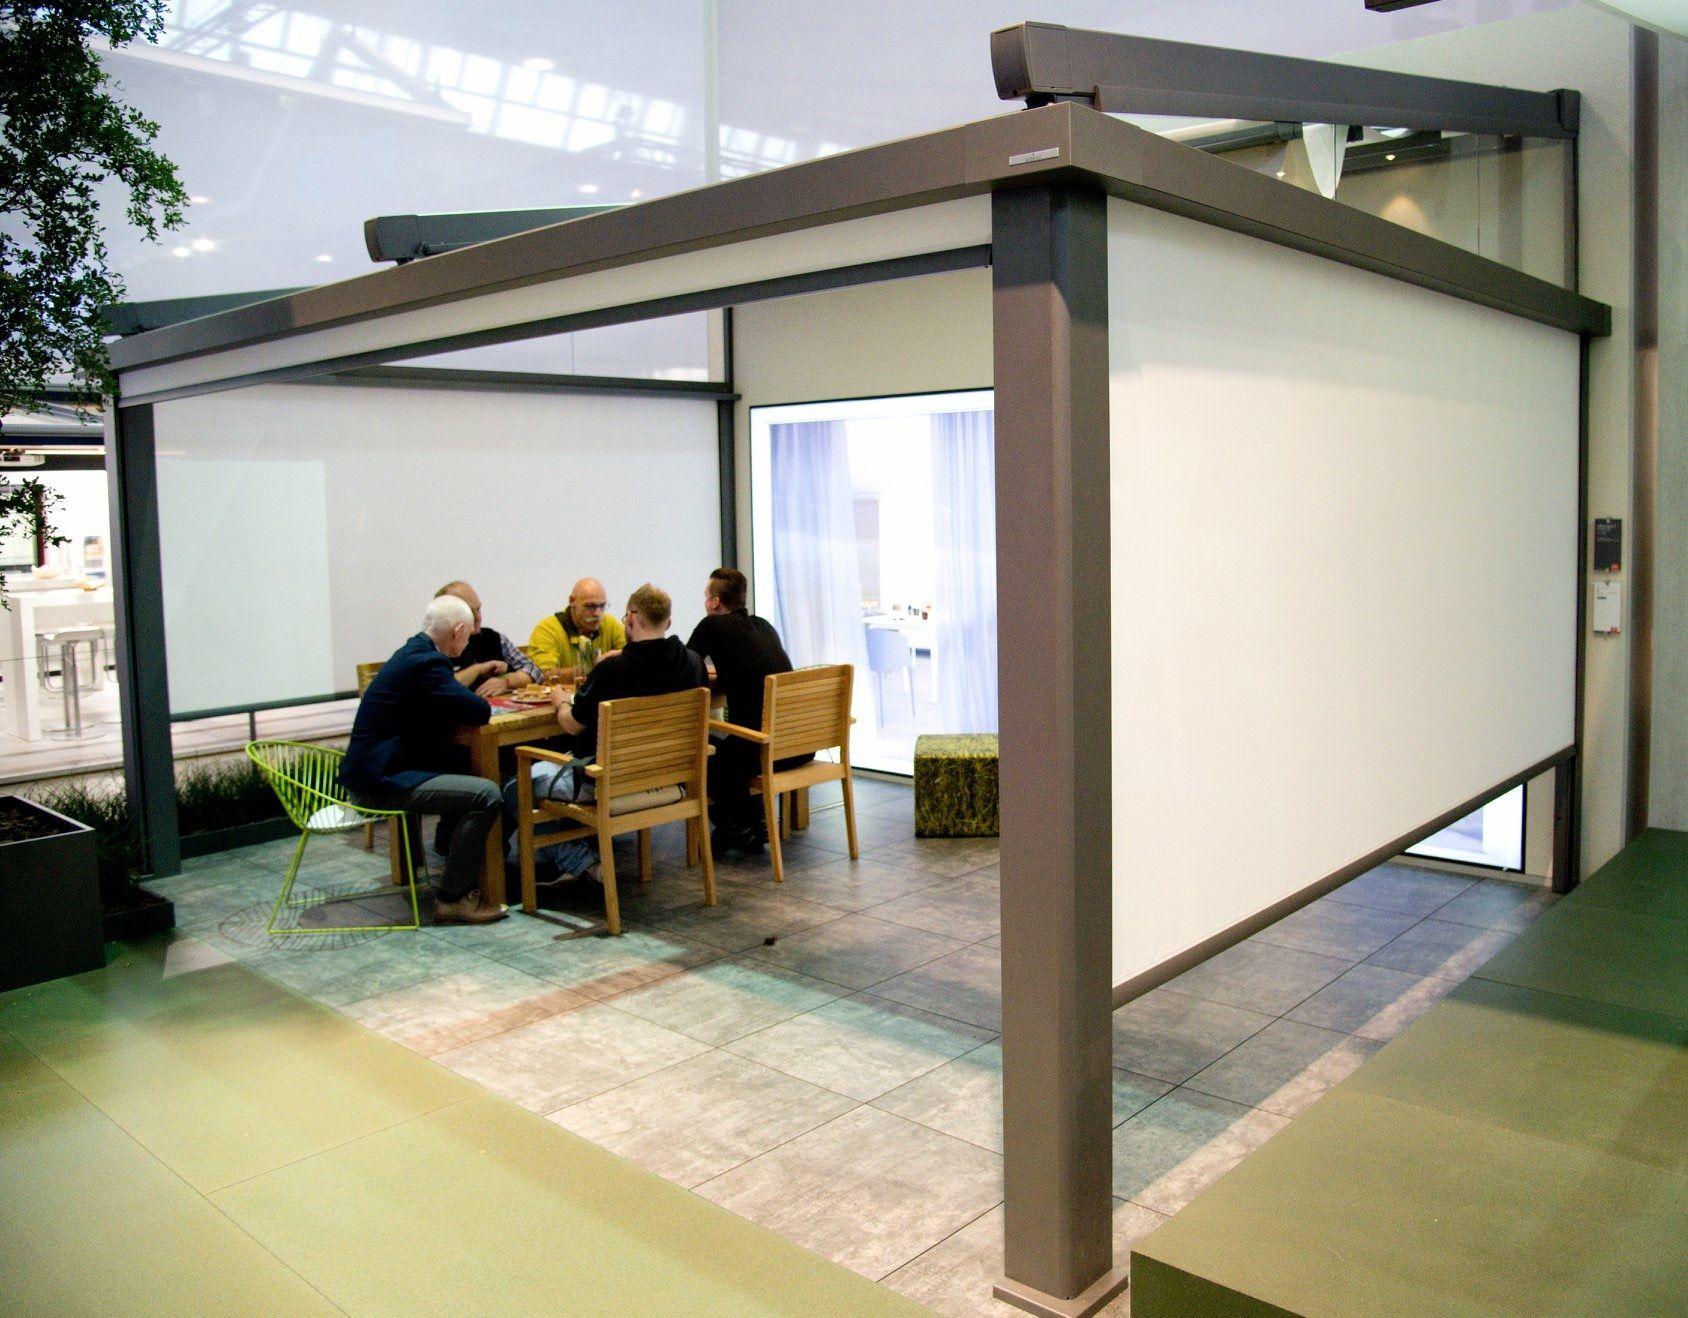 Rolladenbauergmbh Weinor Pergotex2 Architektur